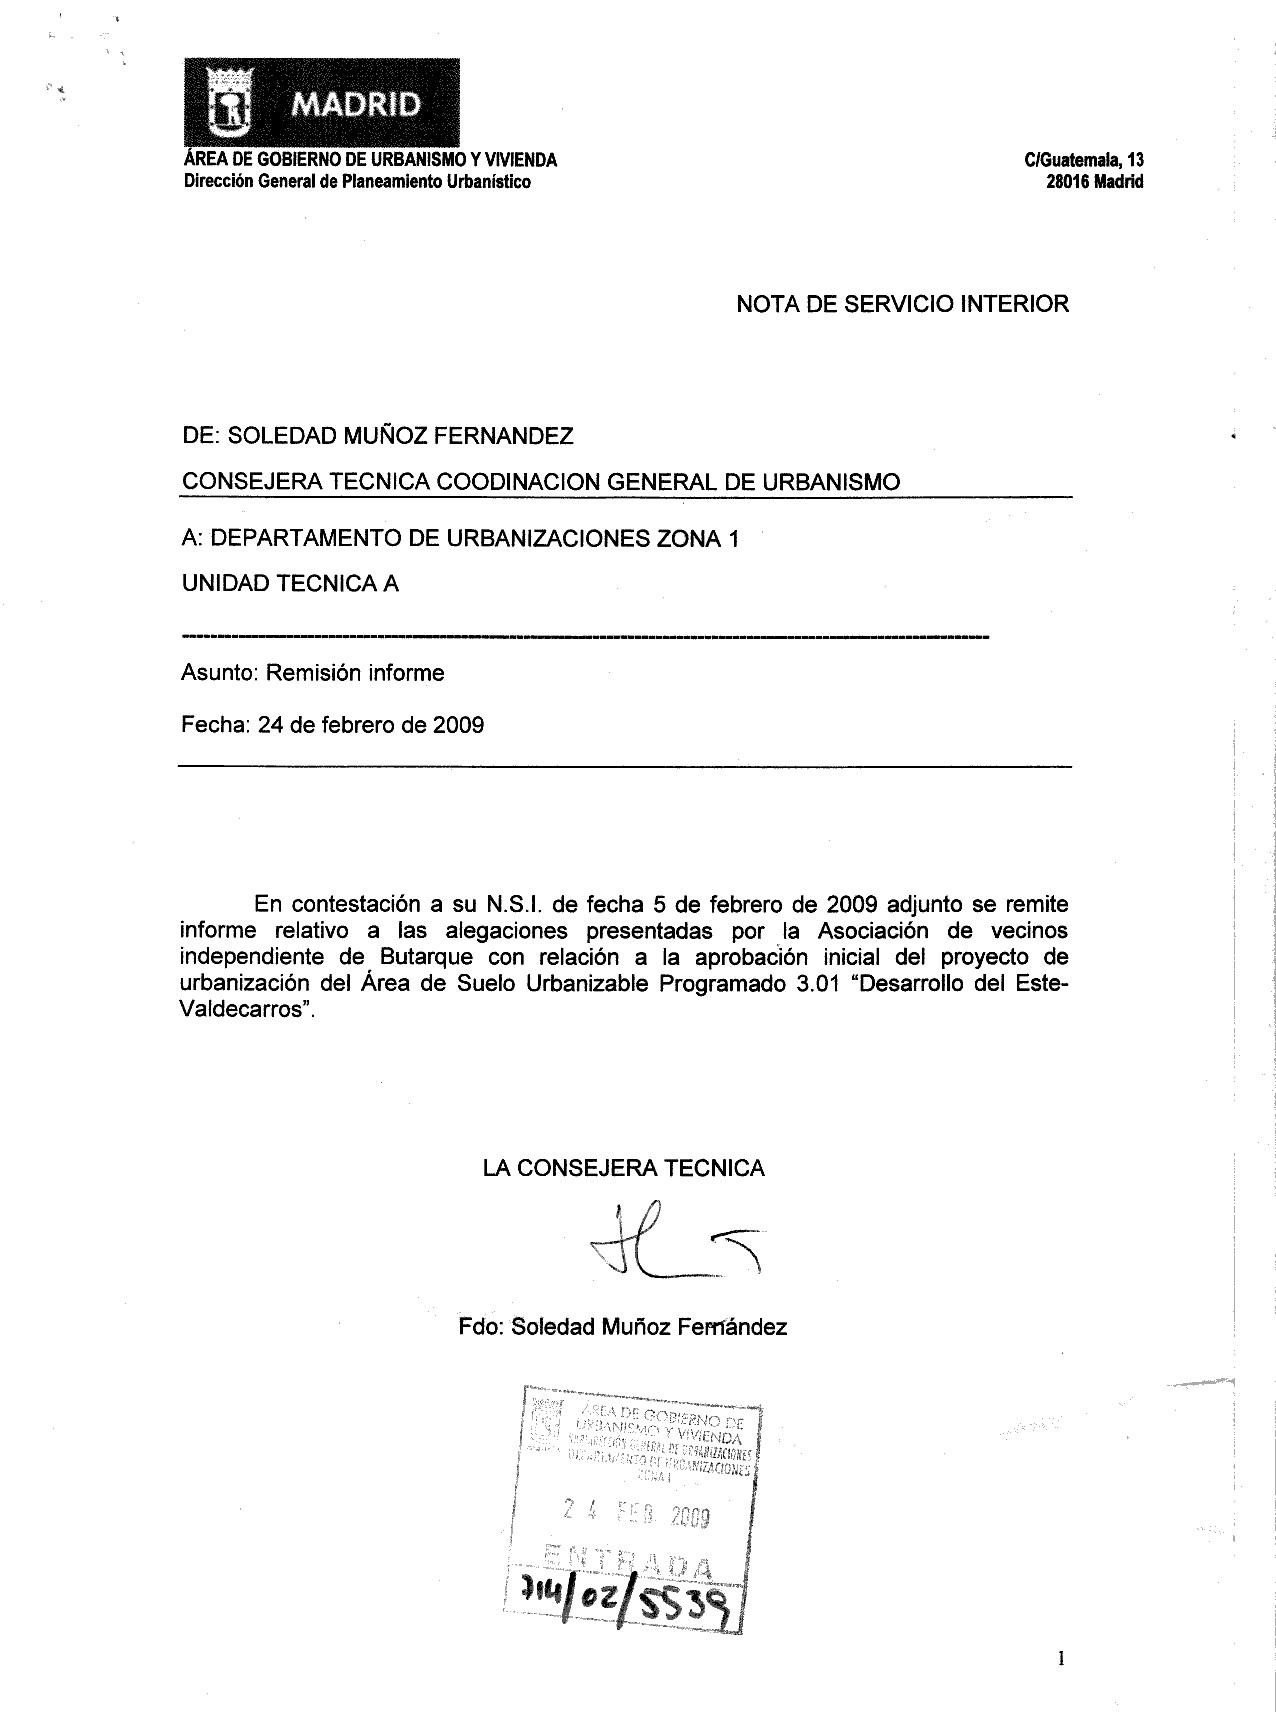 Desestimacion_alegaciones_Valdecarros-1.jpg